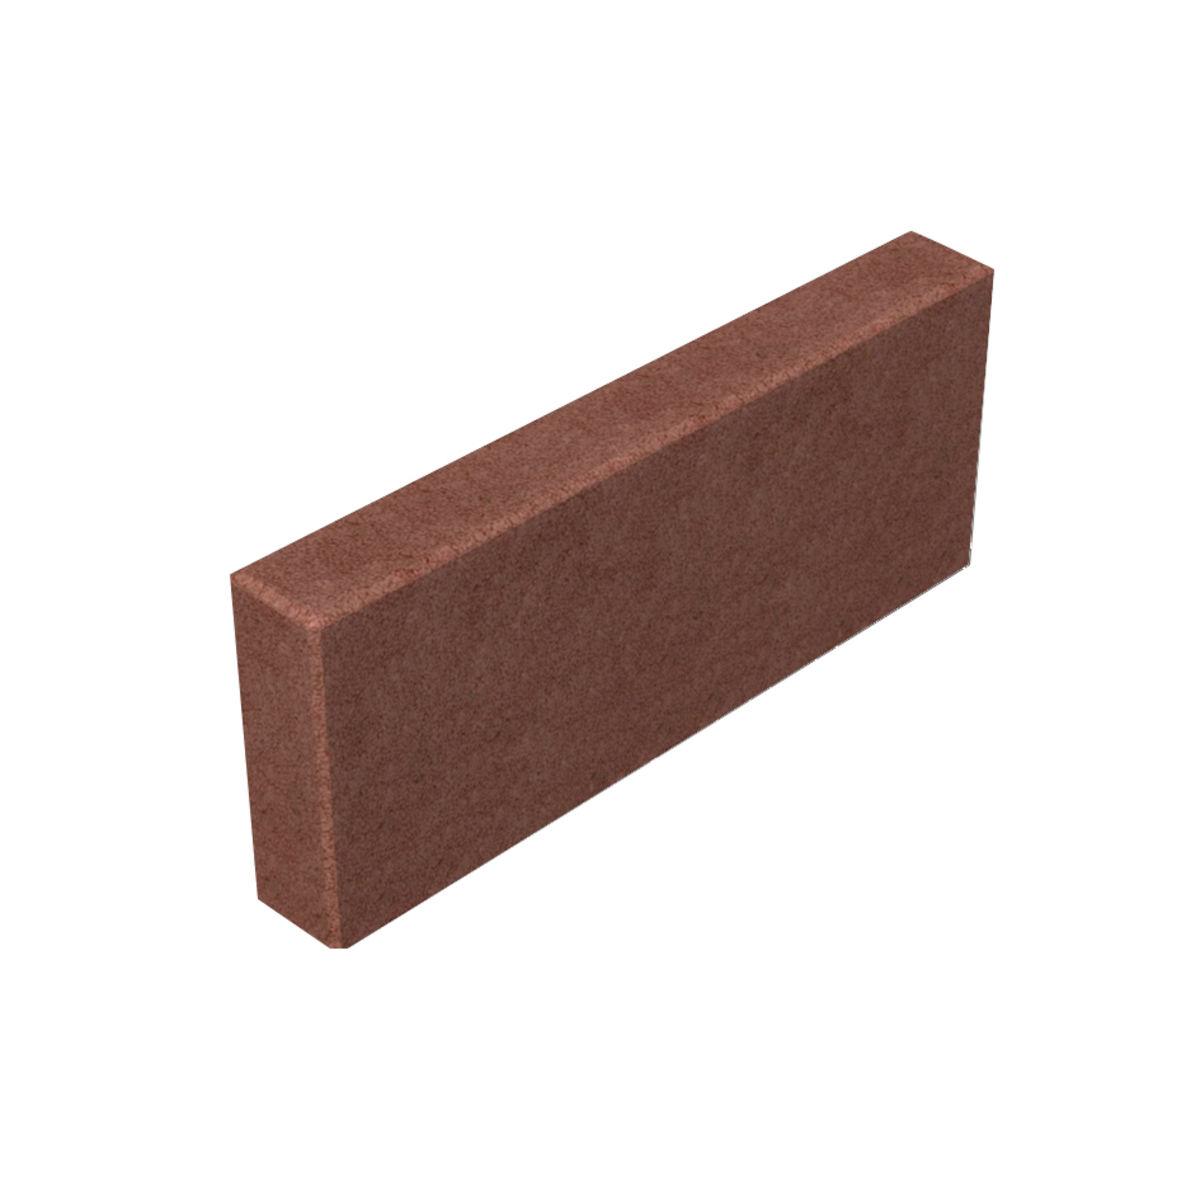 Mattoni cemento prezzo e refrattario x x cm with mattoni for Bordura leroy merlin